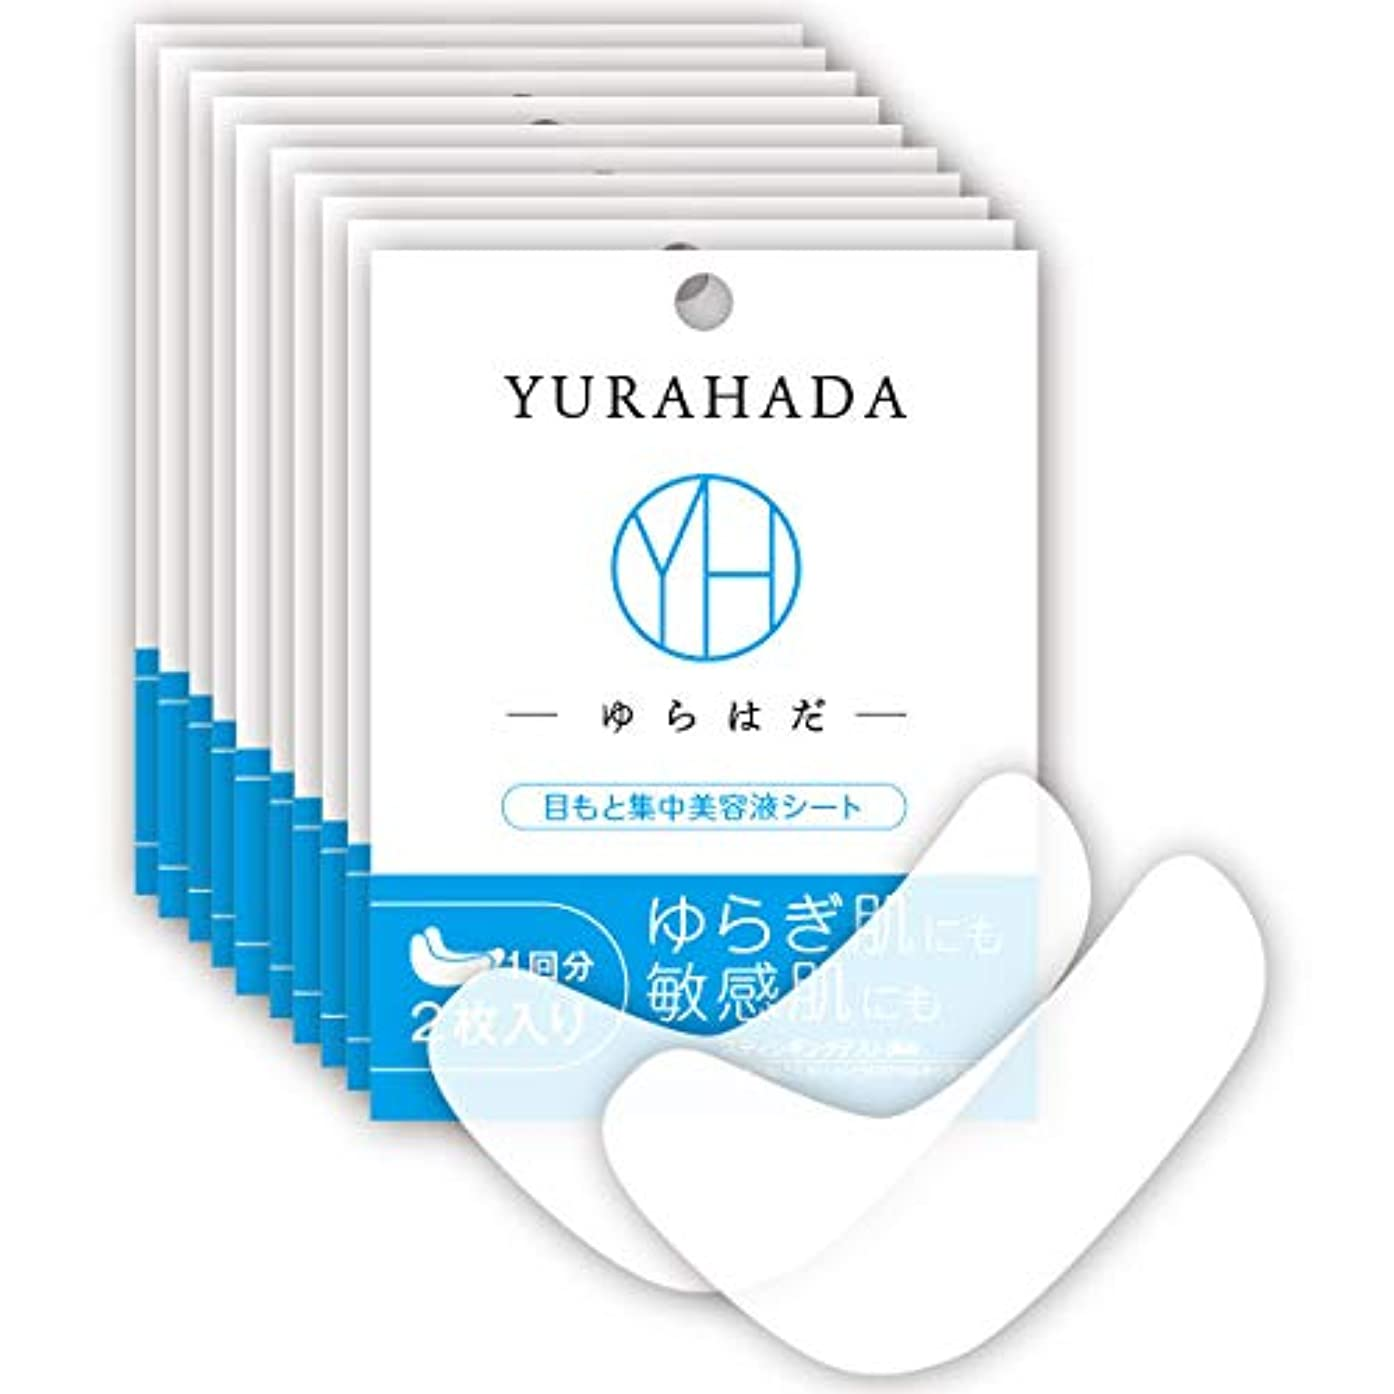 ディンカルビル朝食を食べるカイウスYURAHADA目もと集中美容液シート(2枚入)10回セット